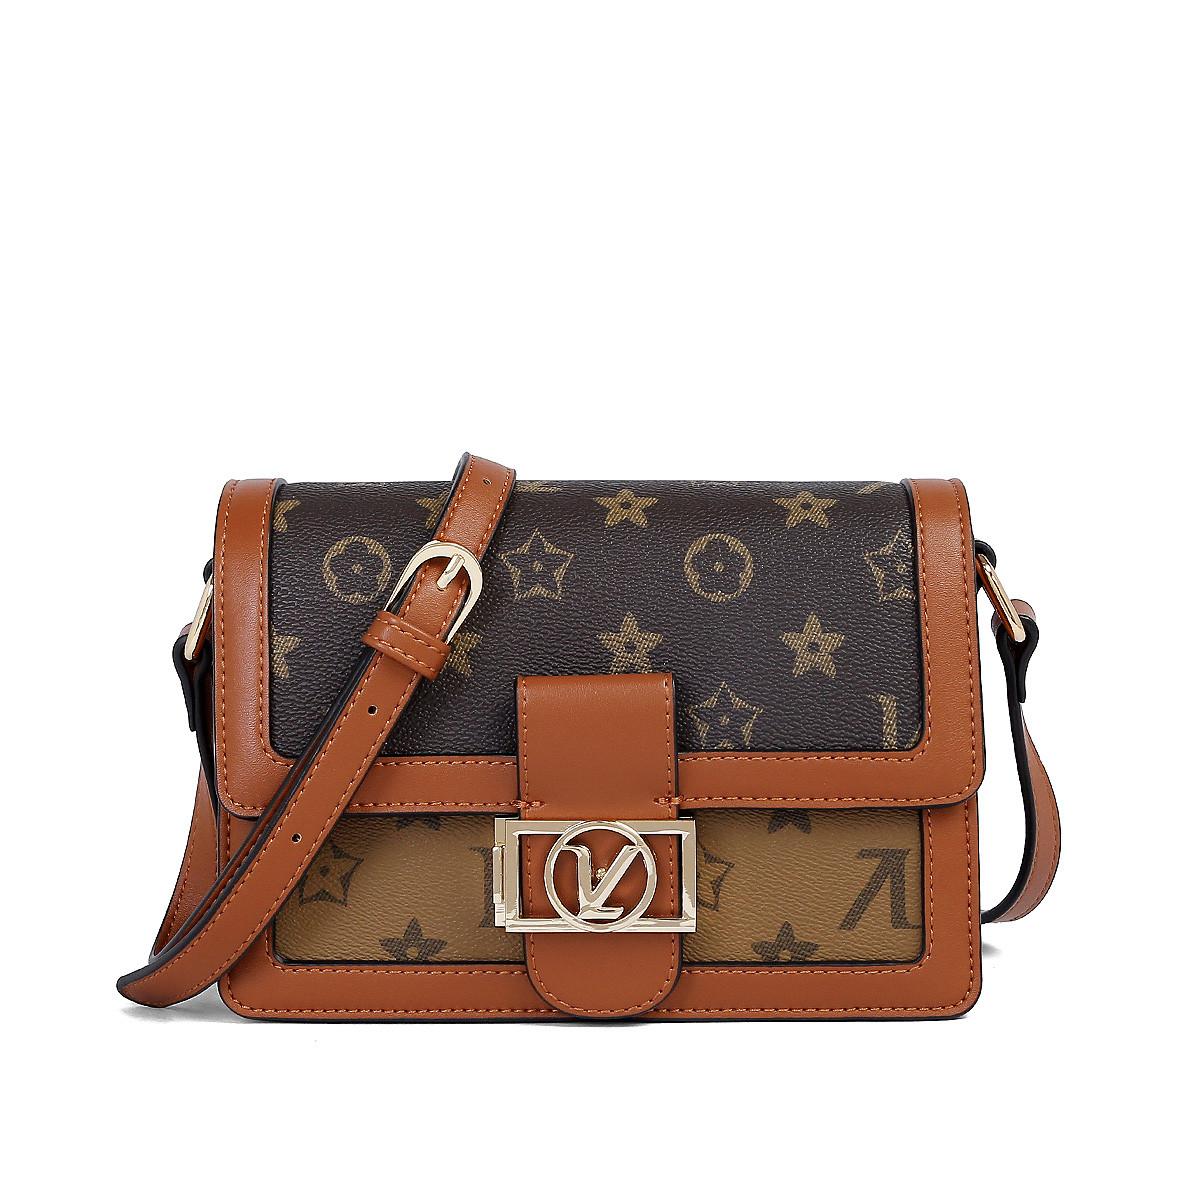 蒙娜丽莎 新款手机包小包包复古时尚单肩包斜挎包女包